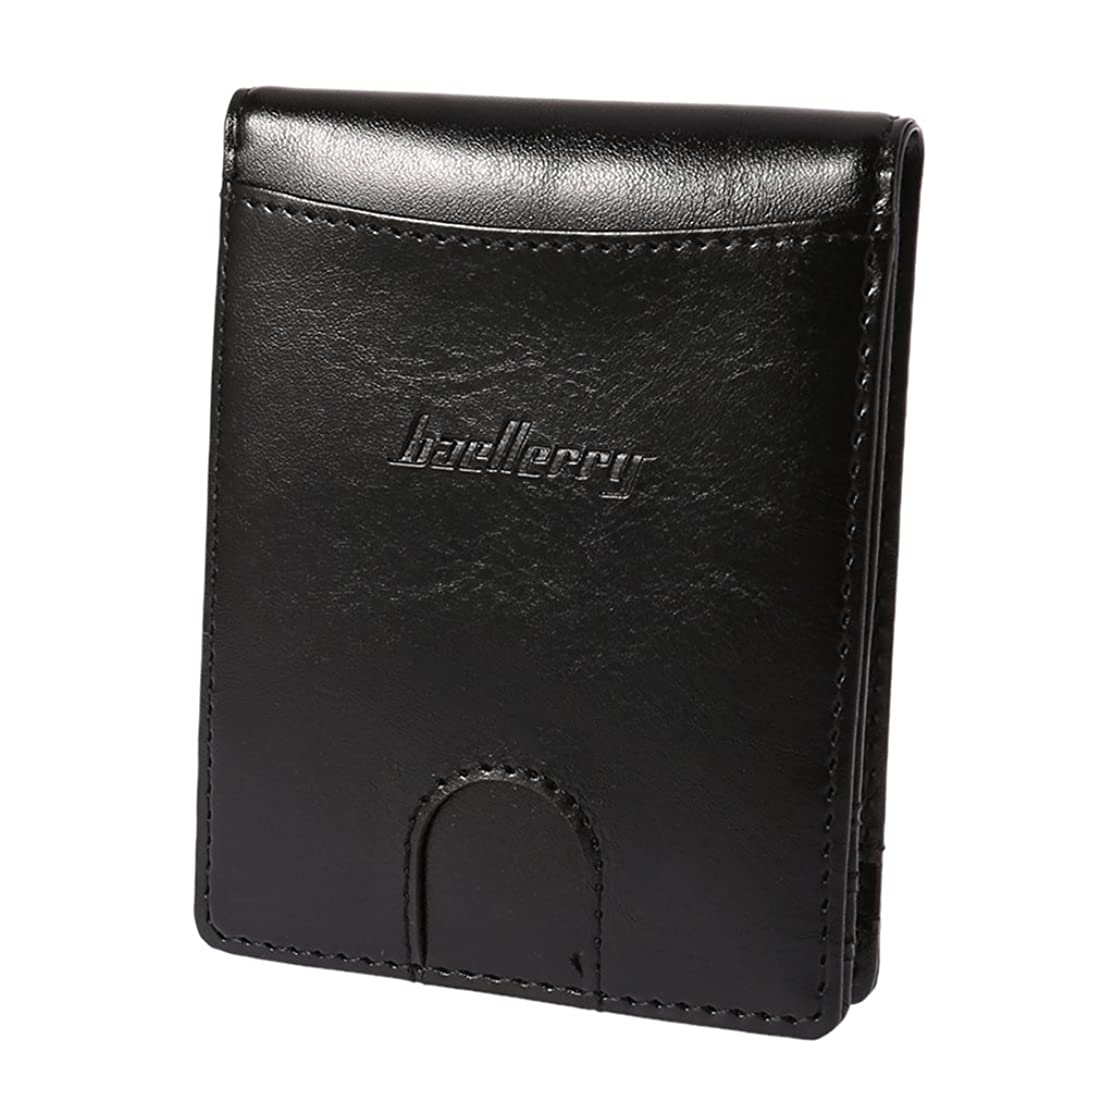 ベリ警報ターゲットBaoyouls baellerryメンズウォレットヨーロッパとアメリカのクリエイティブな磁気クリップ 財布